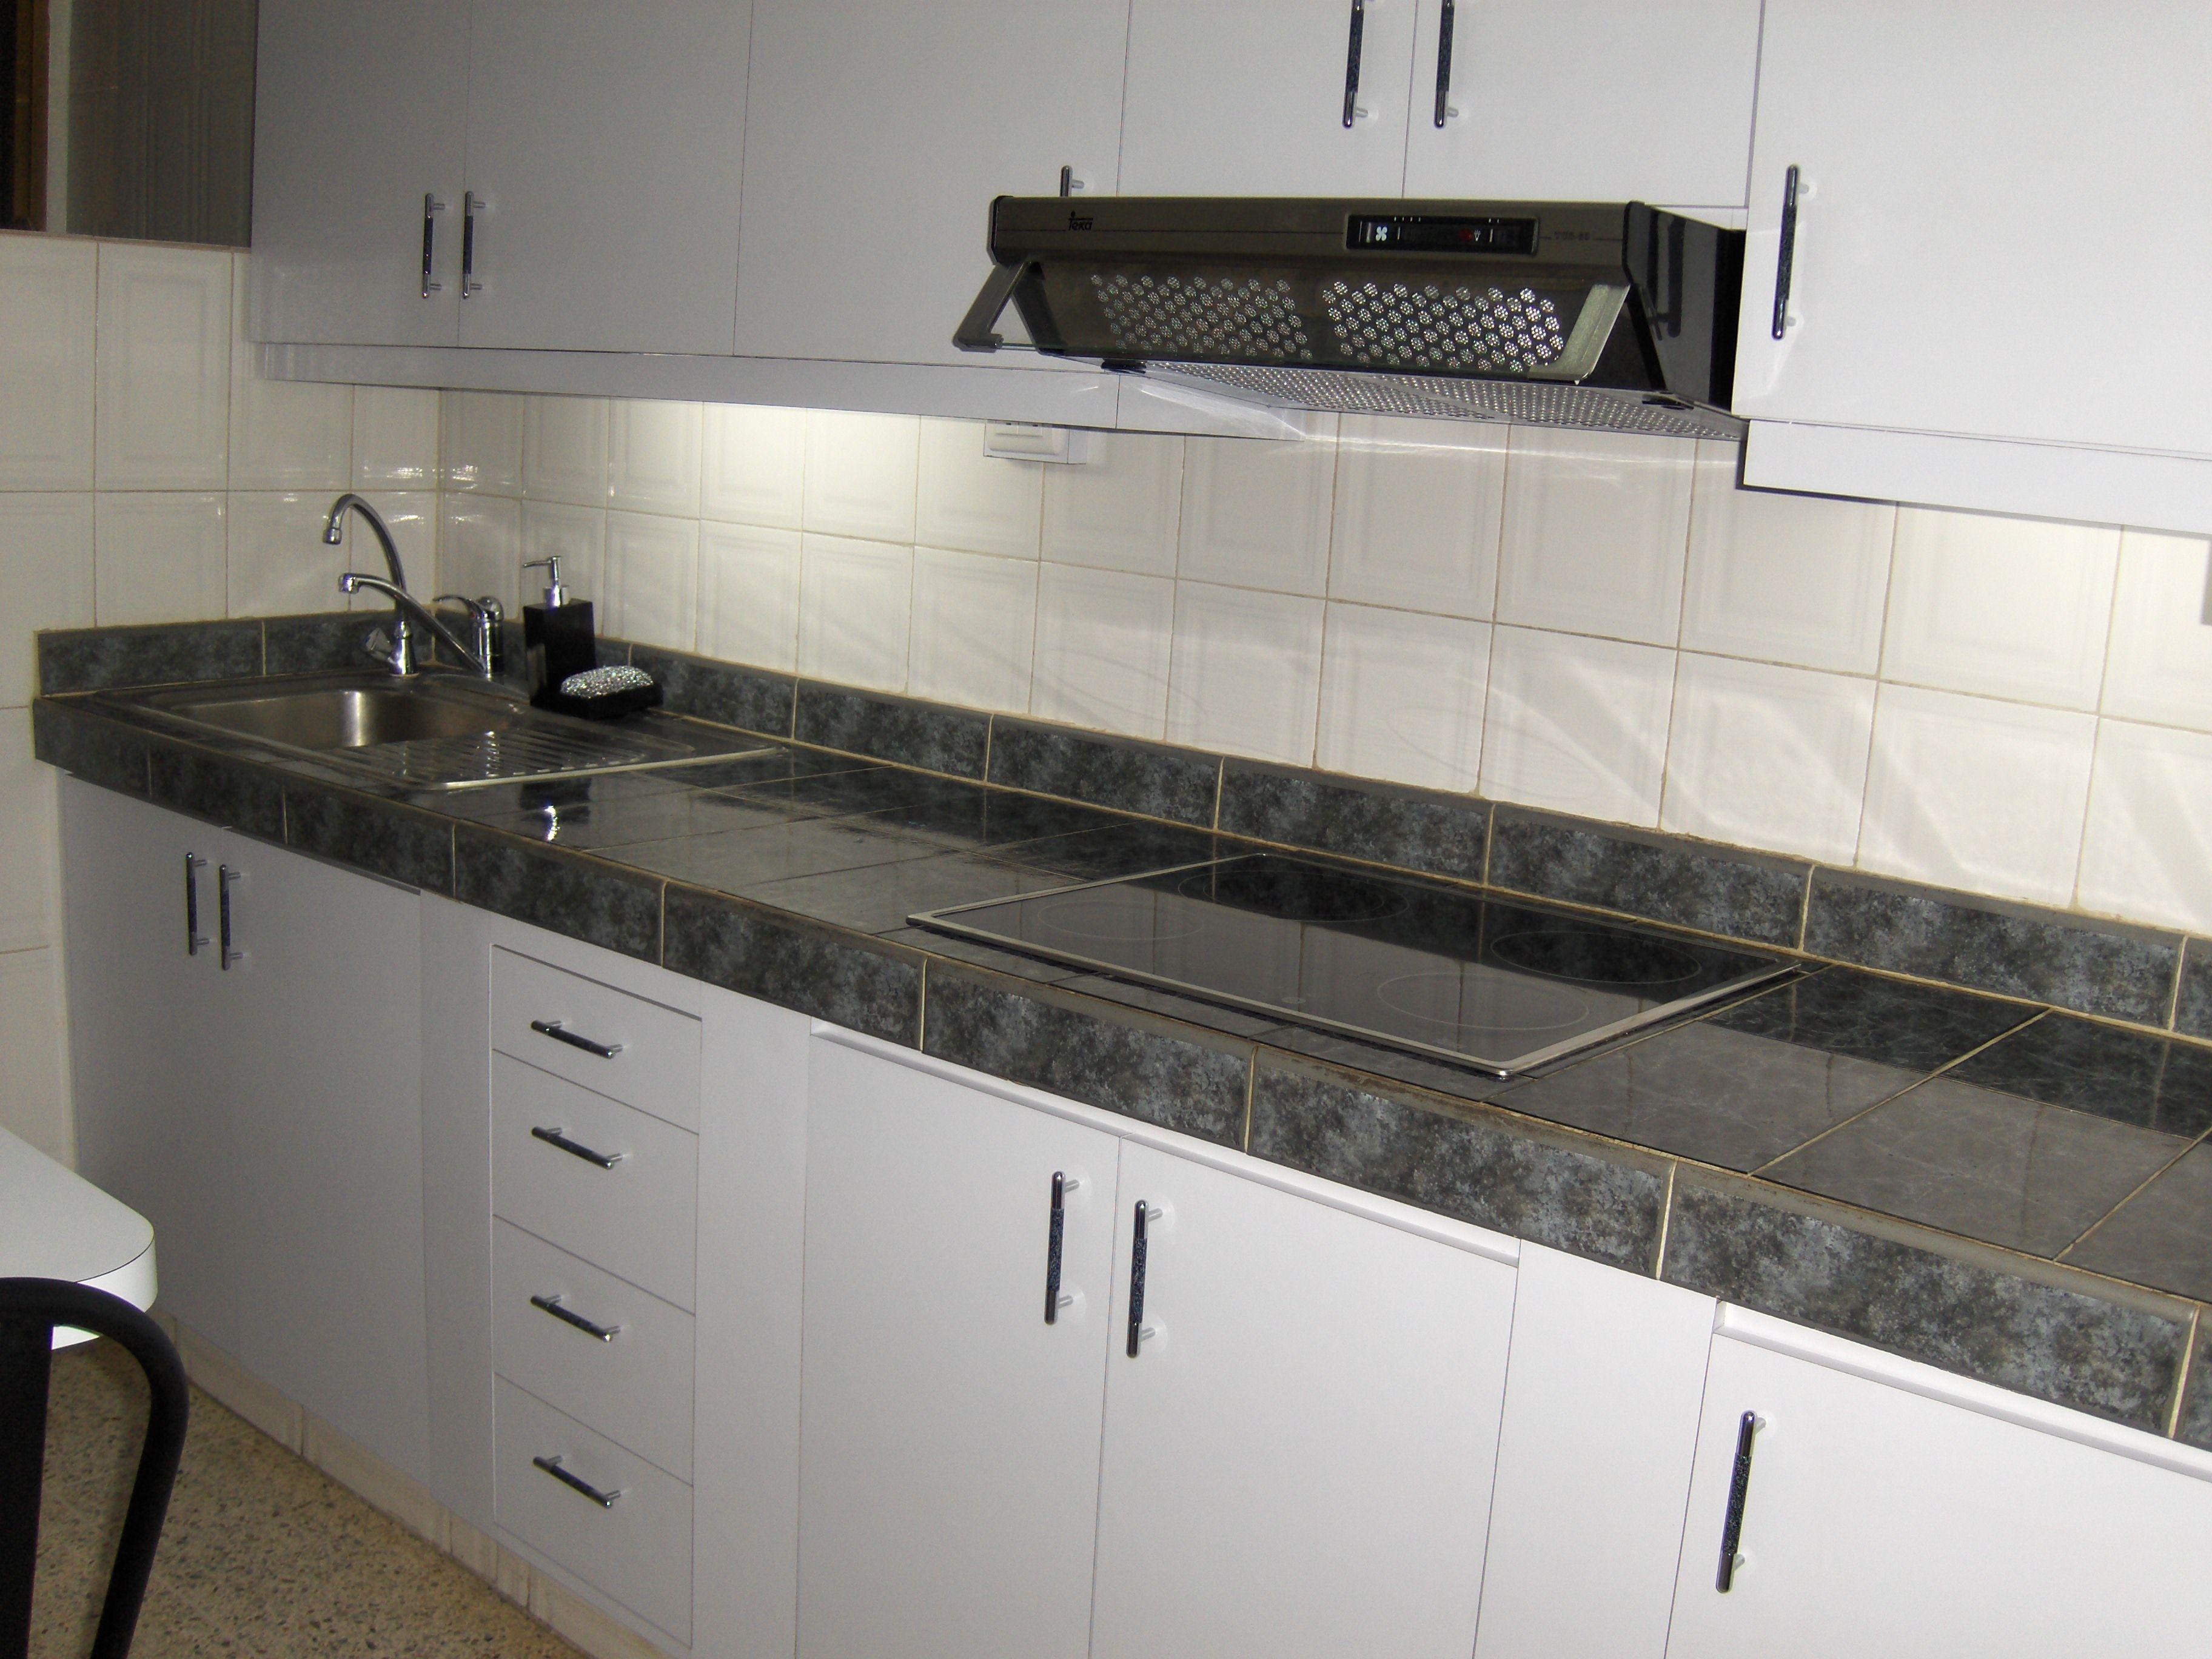 Cocina en mamposter a con cer mica y mdf forrado en - Forrar azulejos cocina ...